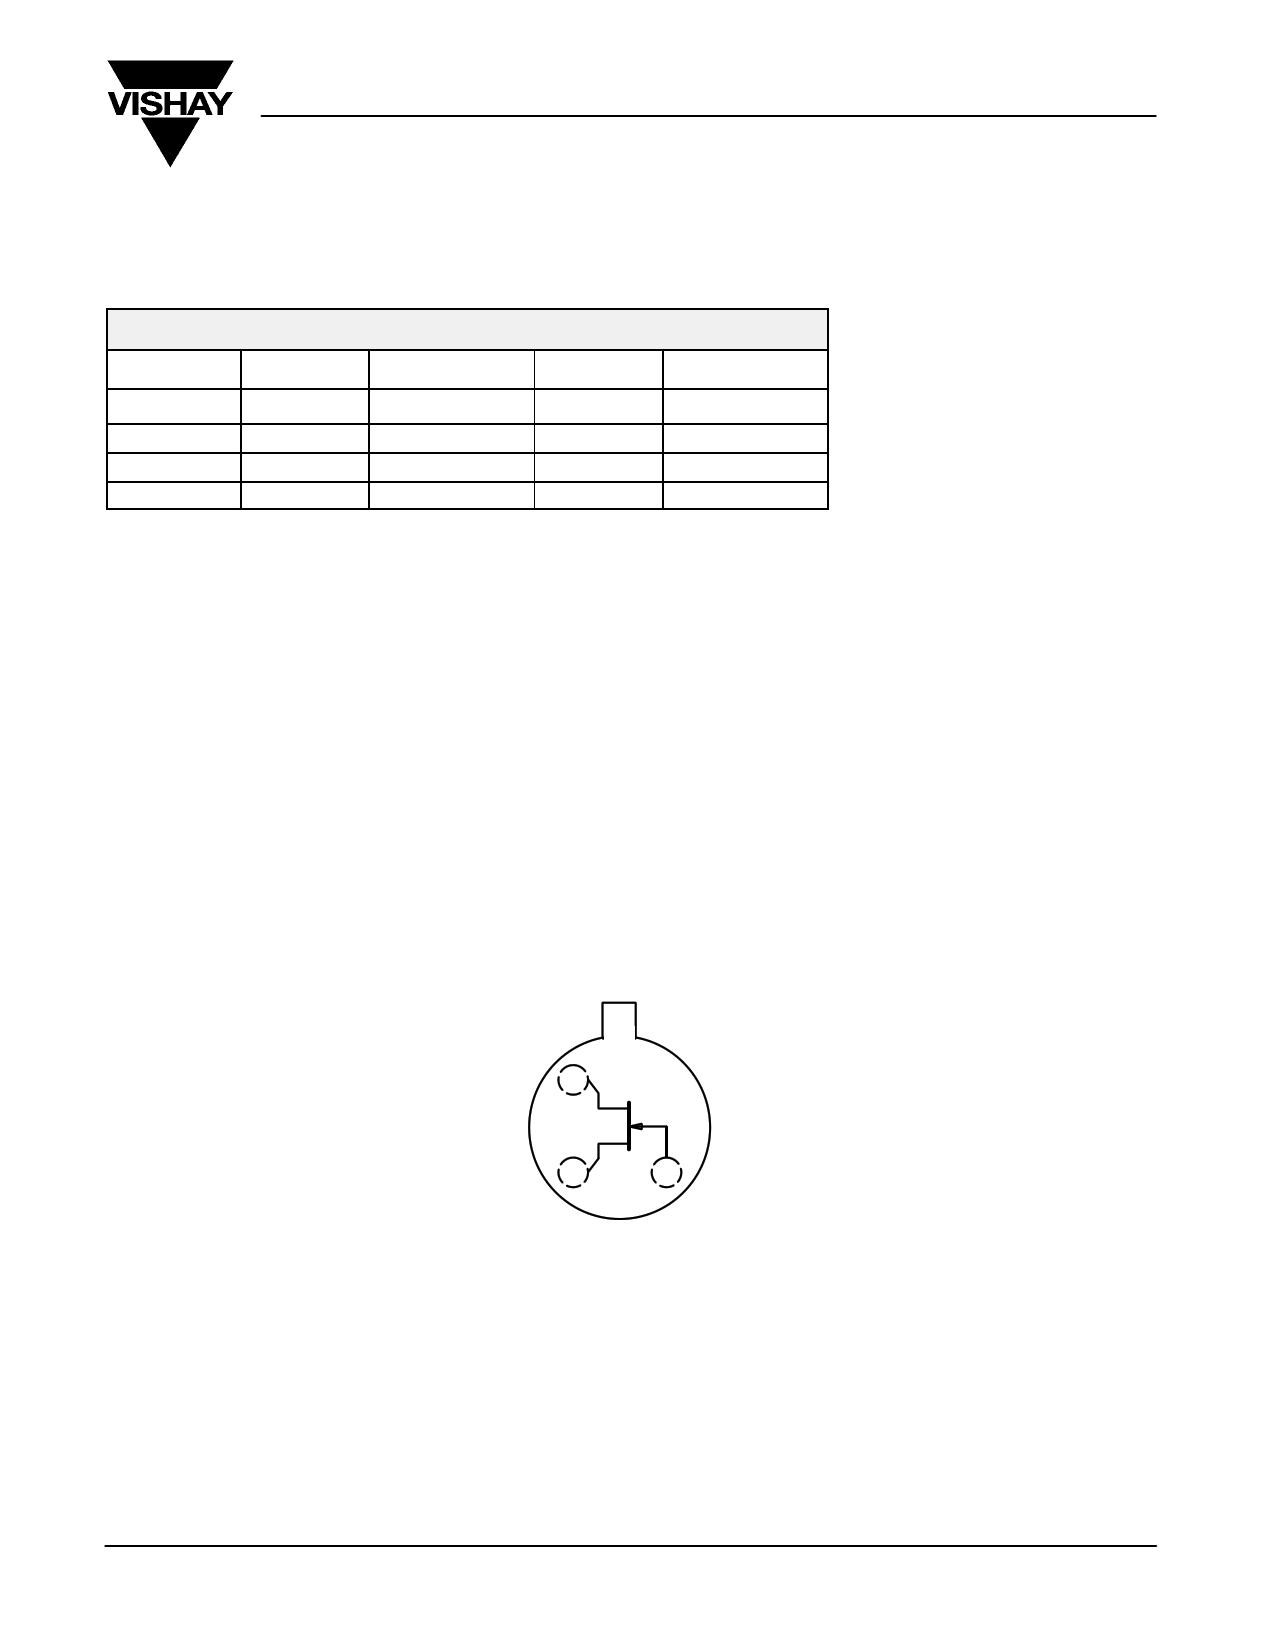 2N4340 Datasheet, 2N4340 PDF,ピン配置, 機能